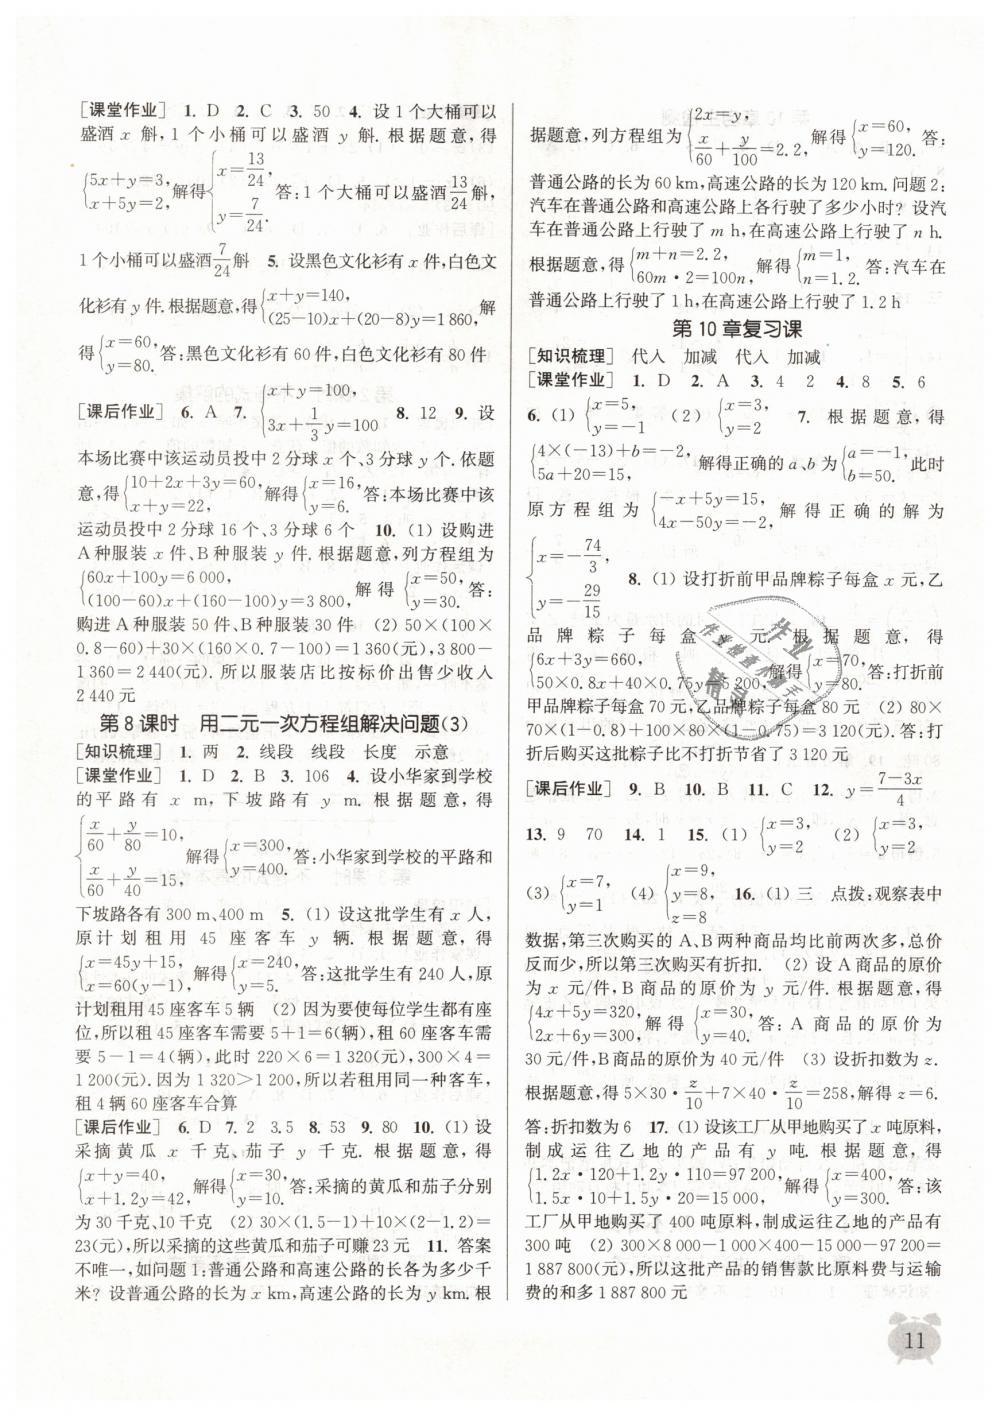 2019年通城学典课时作业本七年级数学下册苏科版江苏专用第11页